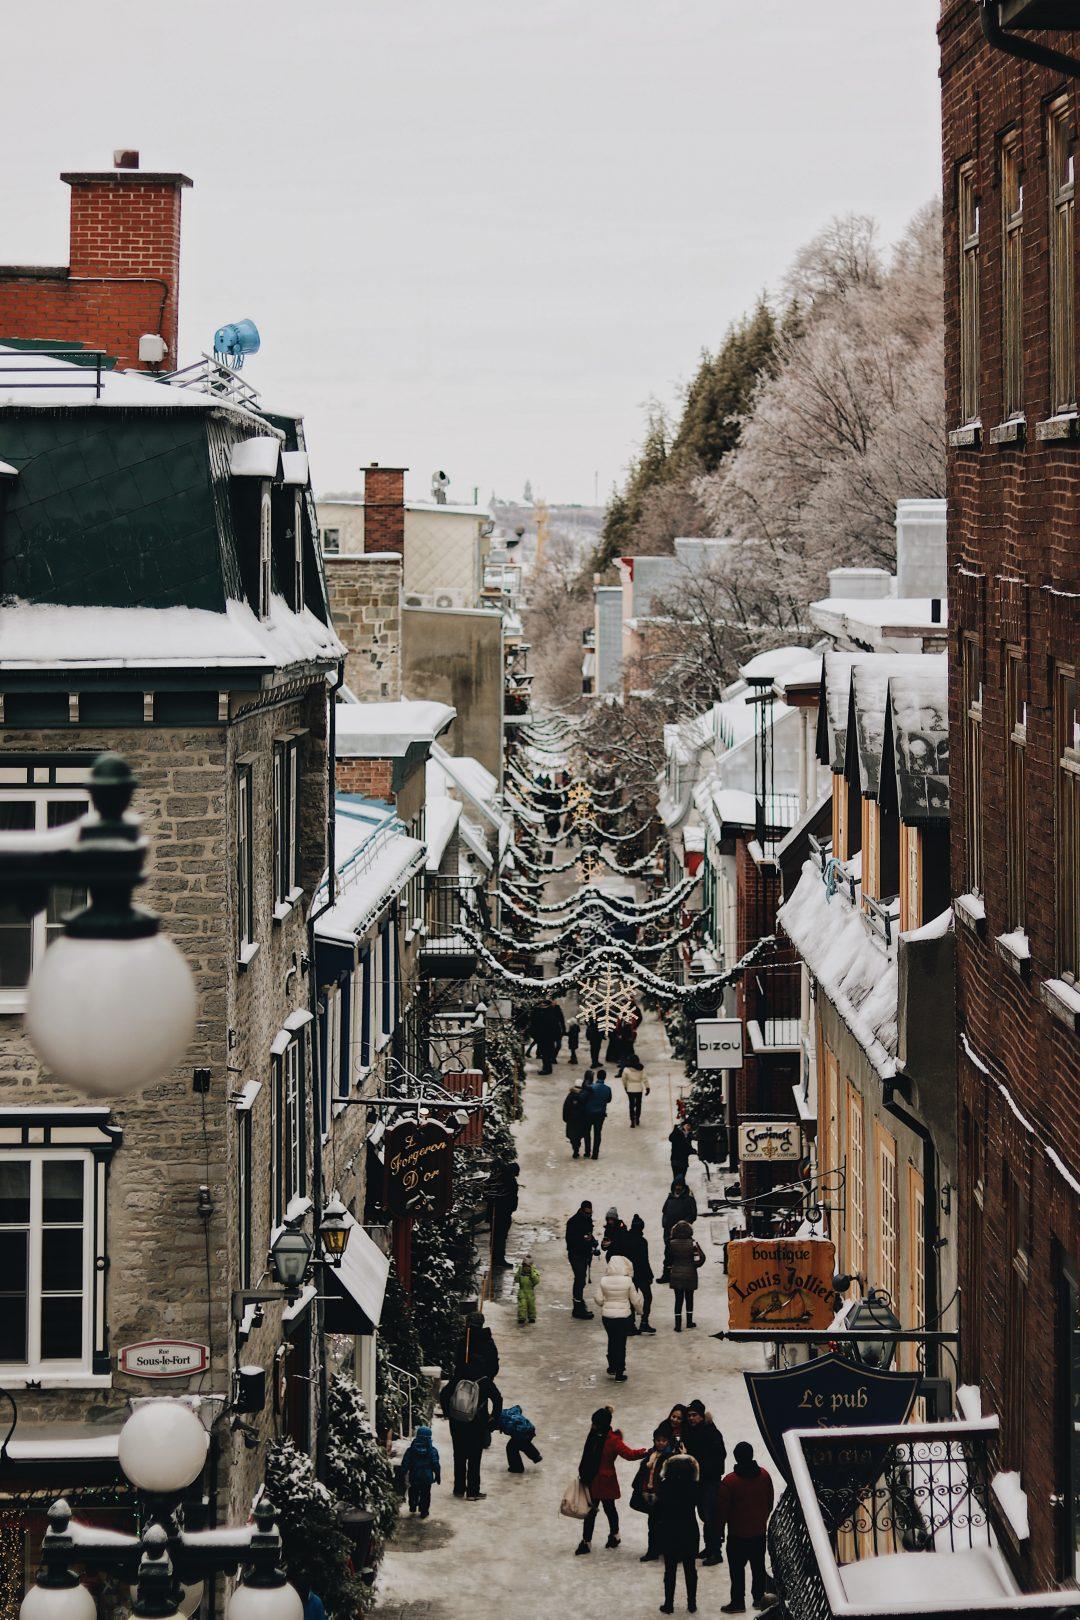 Québec - Quartier Petit Champlain